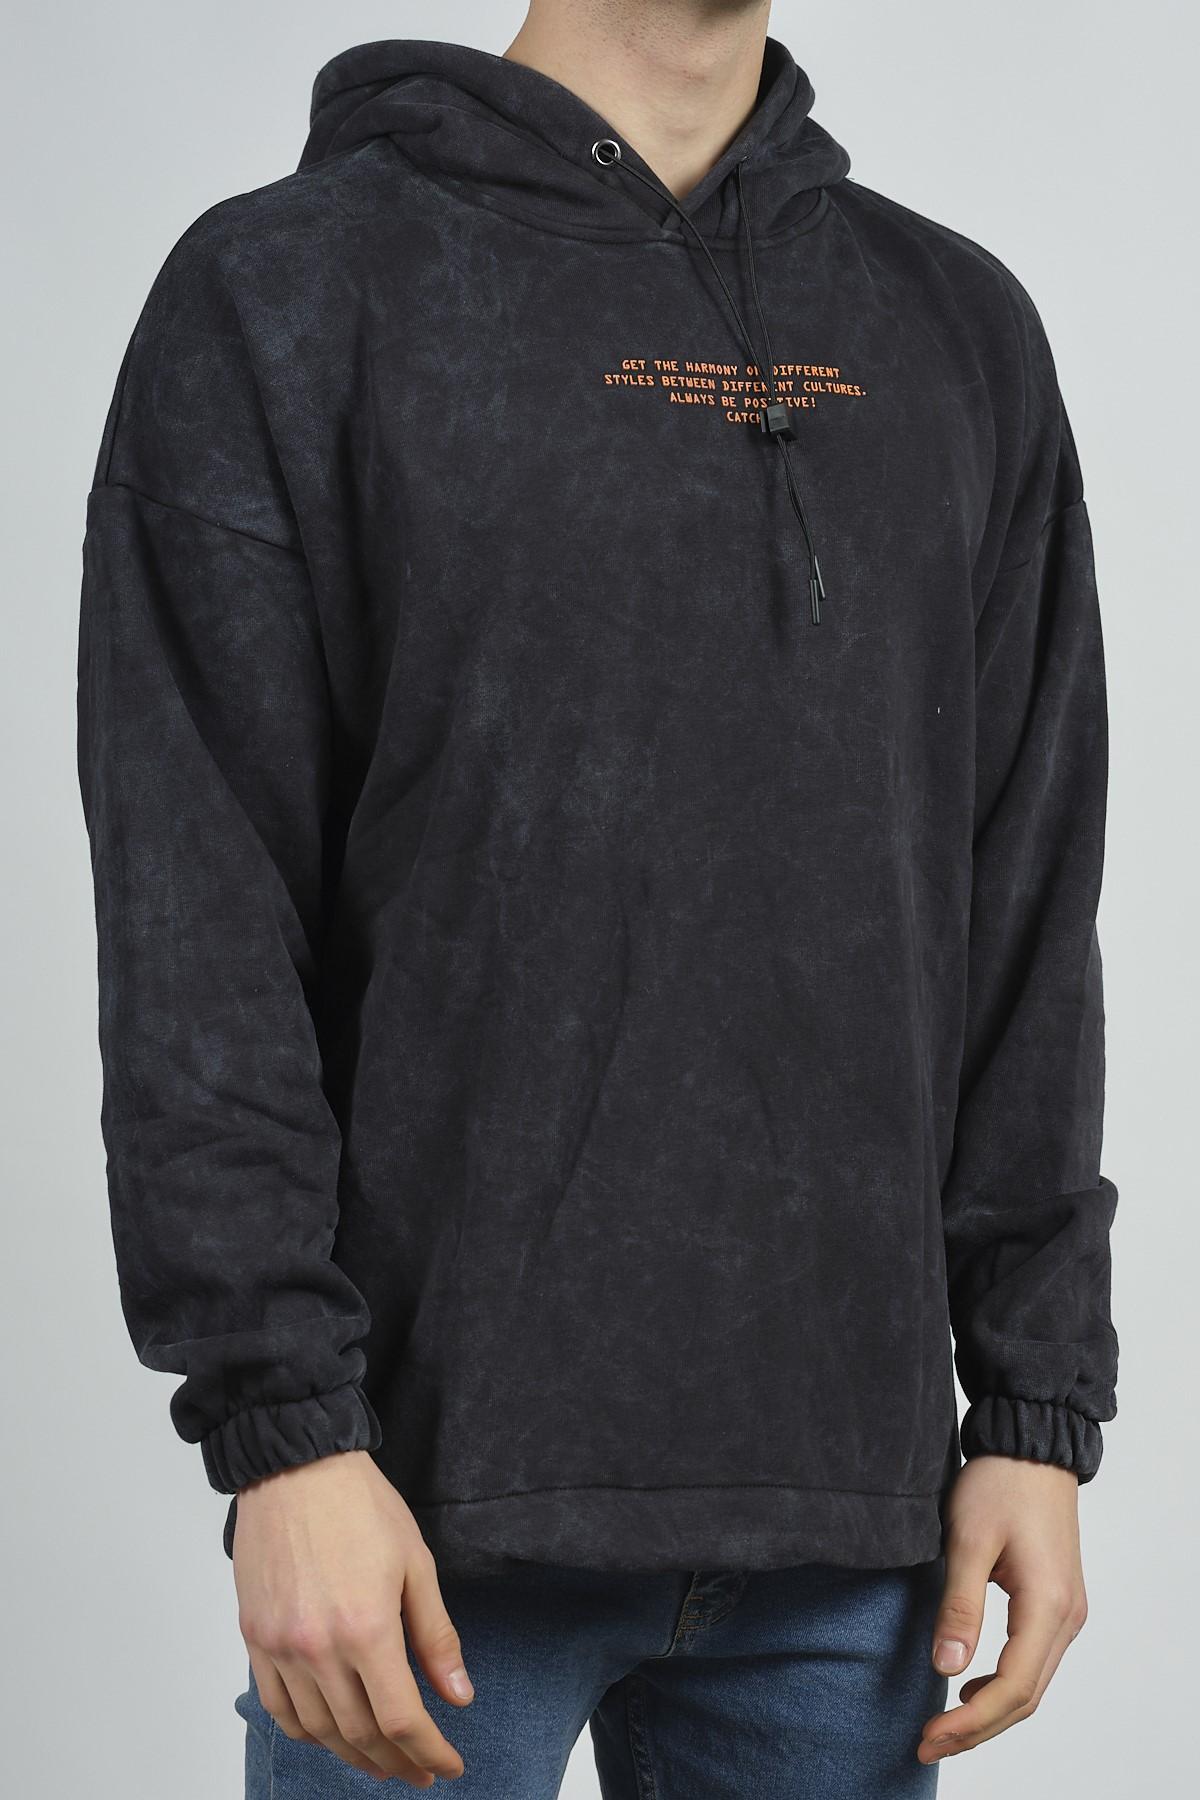 - Siyah Yıkamalı Baskılı Sweatshirt 1KXE8-44282-02